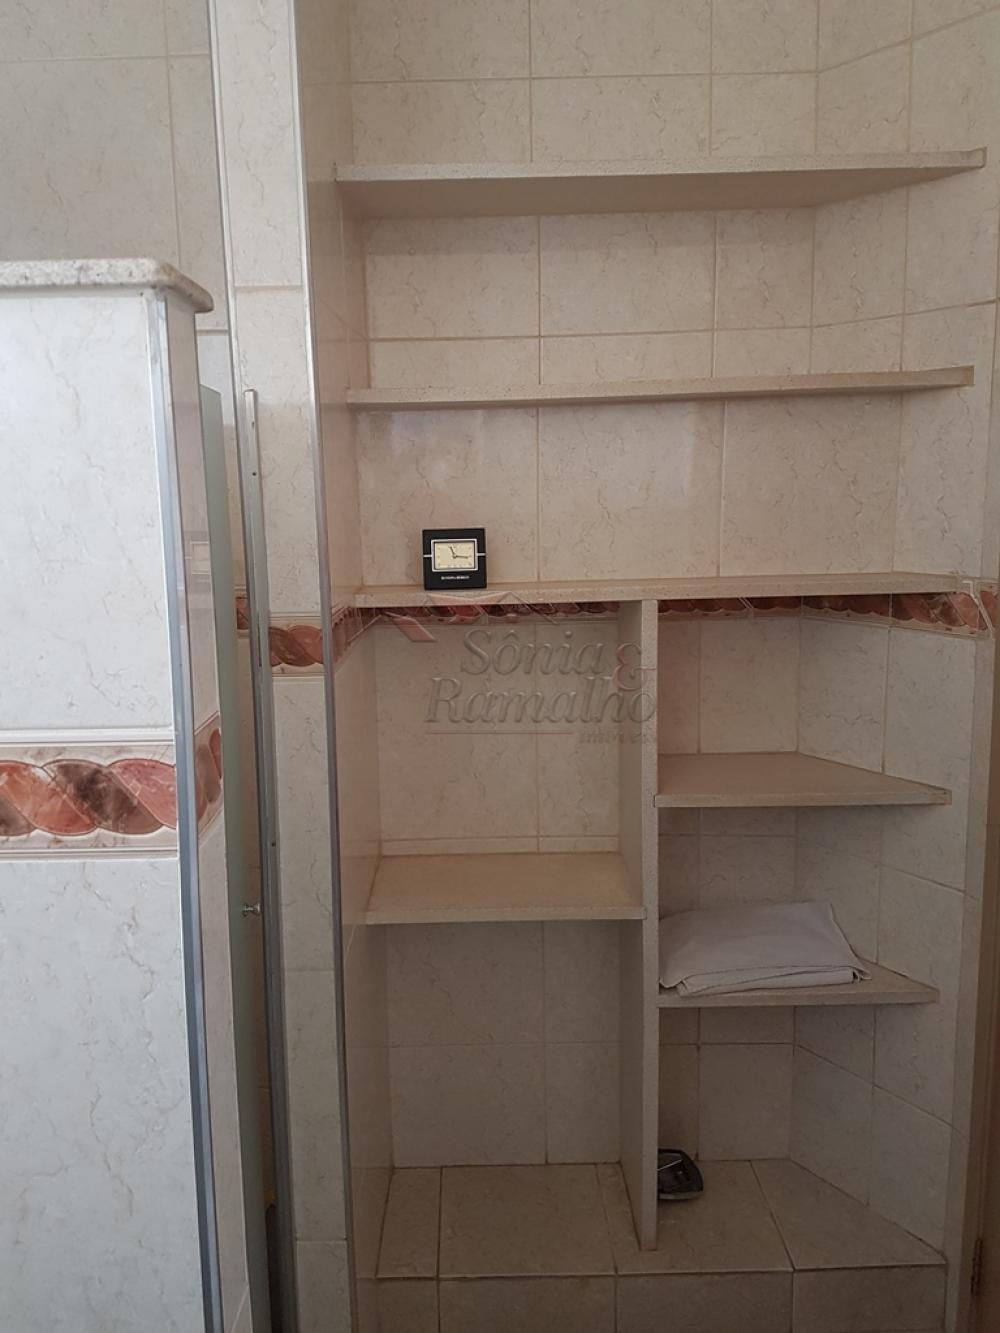 Comprar Apartamentos / Padrão em Ribeirão Preto apenas R$ 500.000,00 - Foto 20